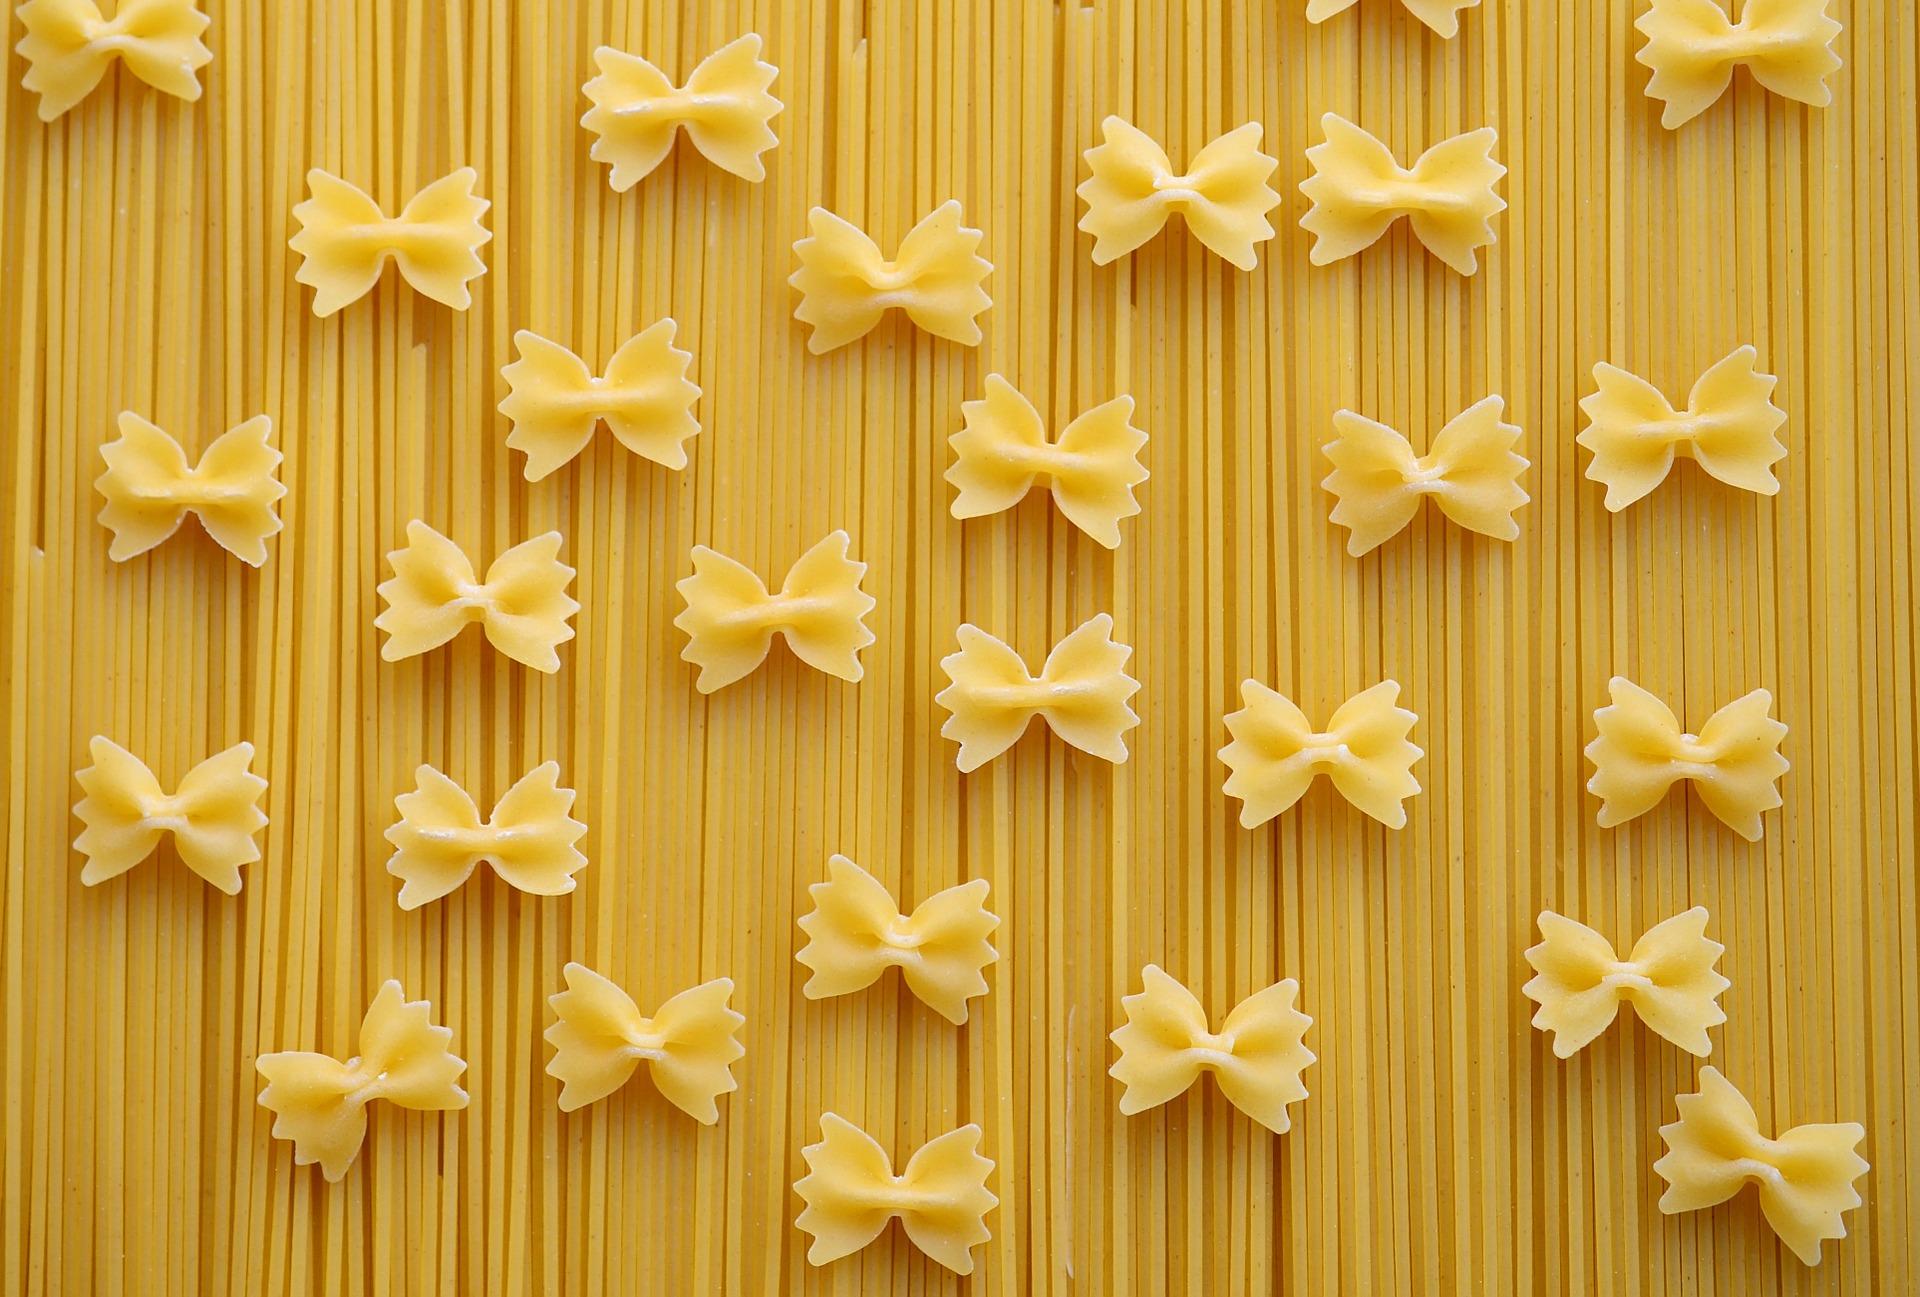 नूडल्स, पास्ता, स्पेगेटी, संबंधों, इतालवी भोजन - HD वॉलपेपर - प्रोफेसर-falken.comjpg